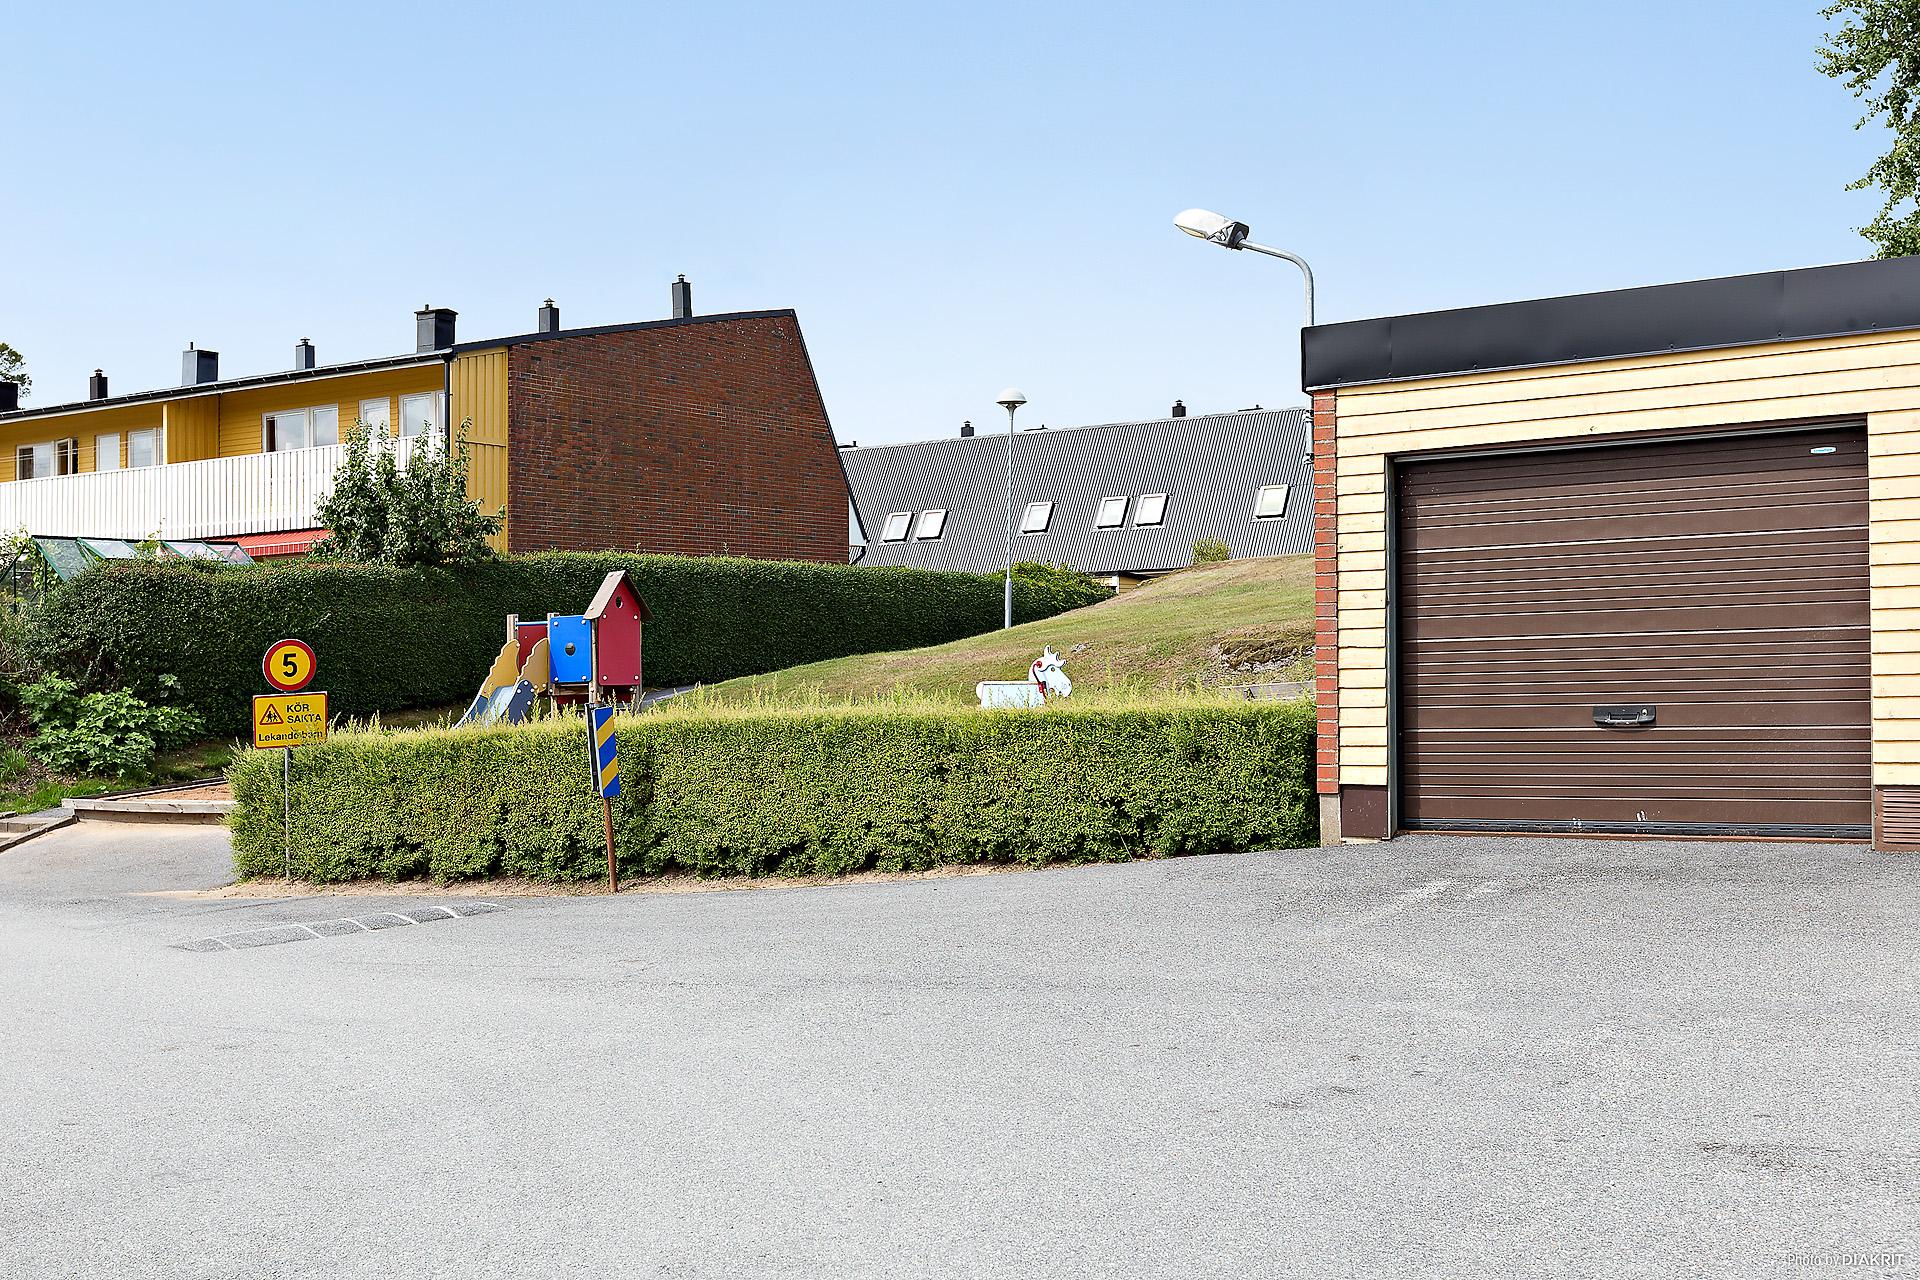 Garaget i bild tillhör bostaden. I bakgrunden ser ni radhuset samt en lekplats.